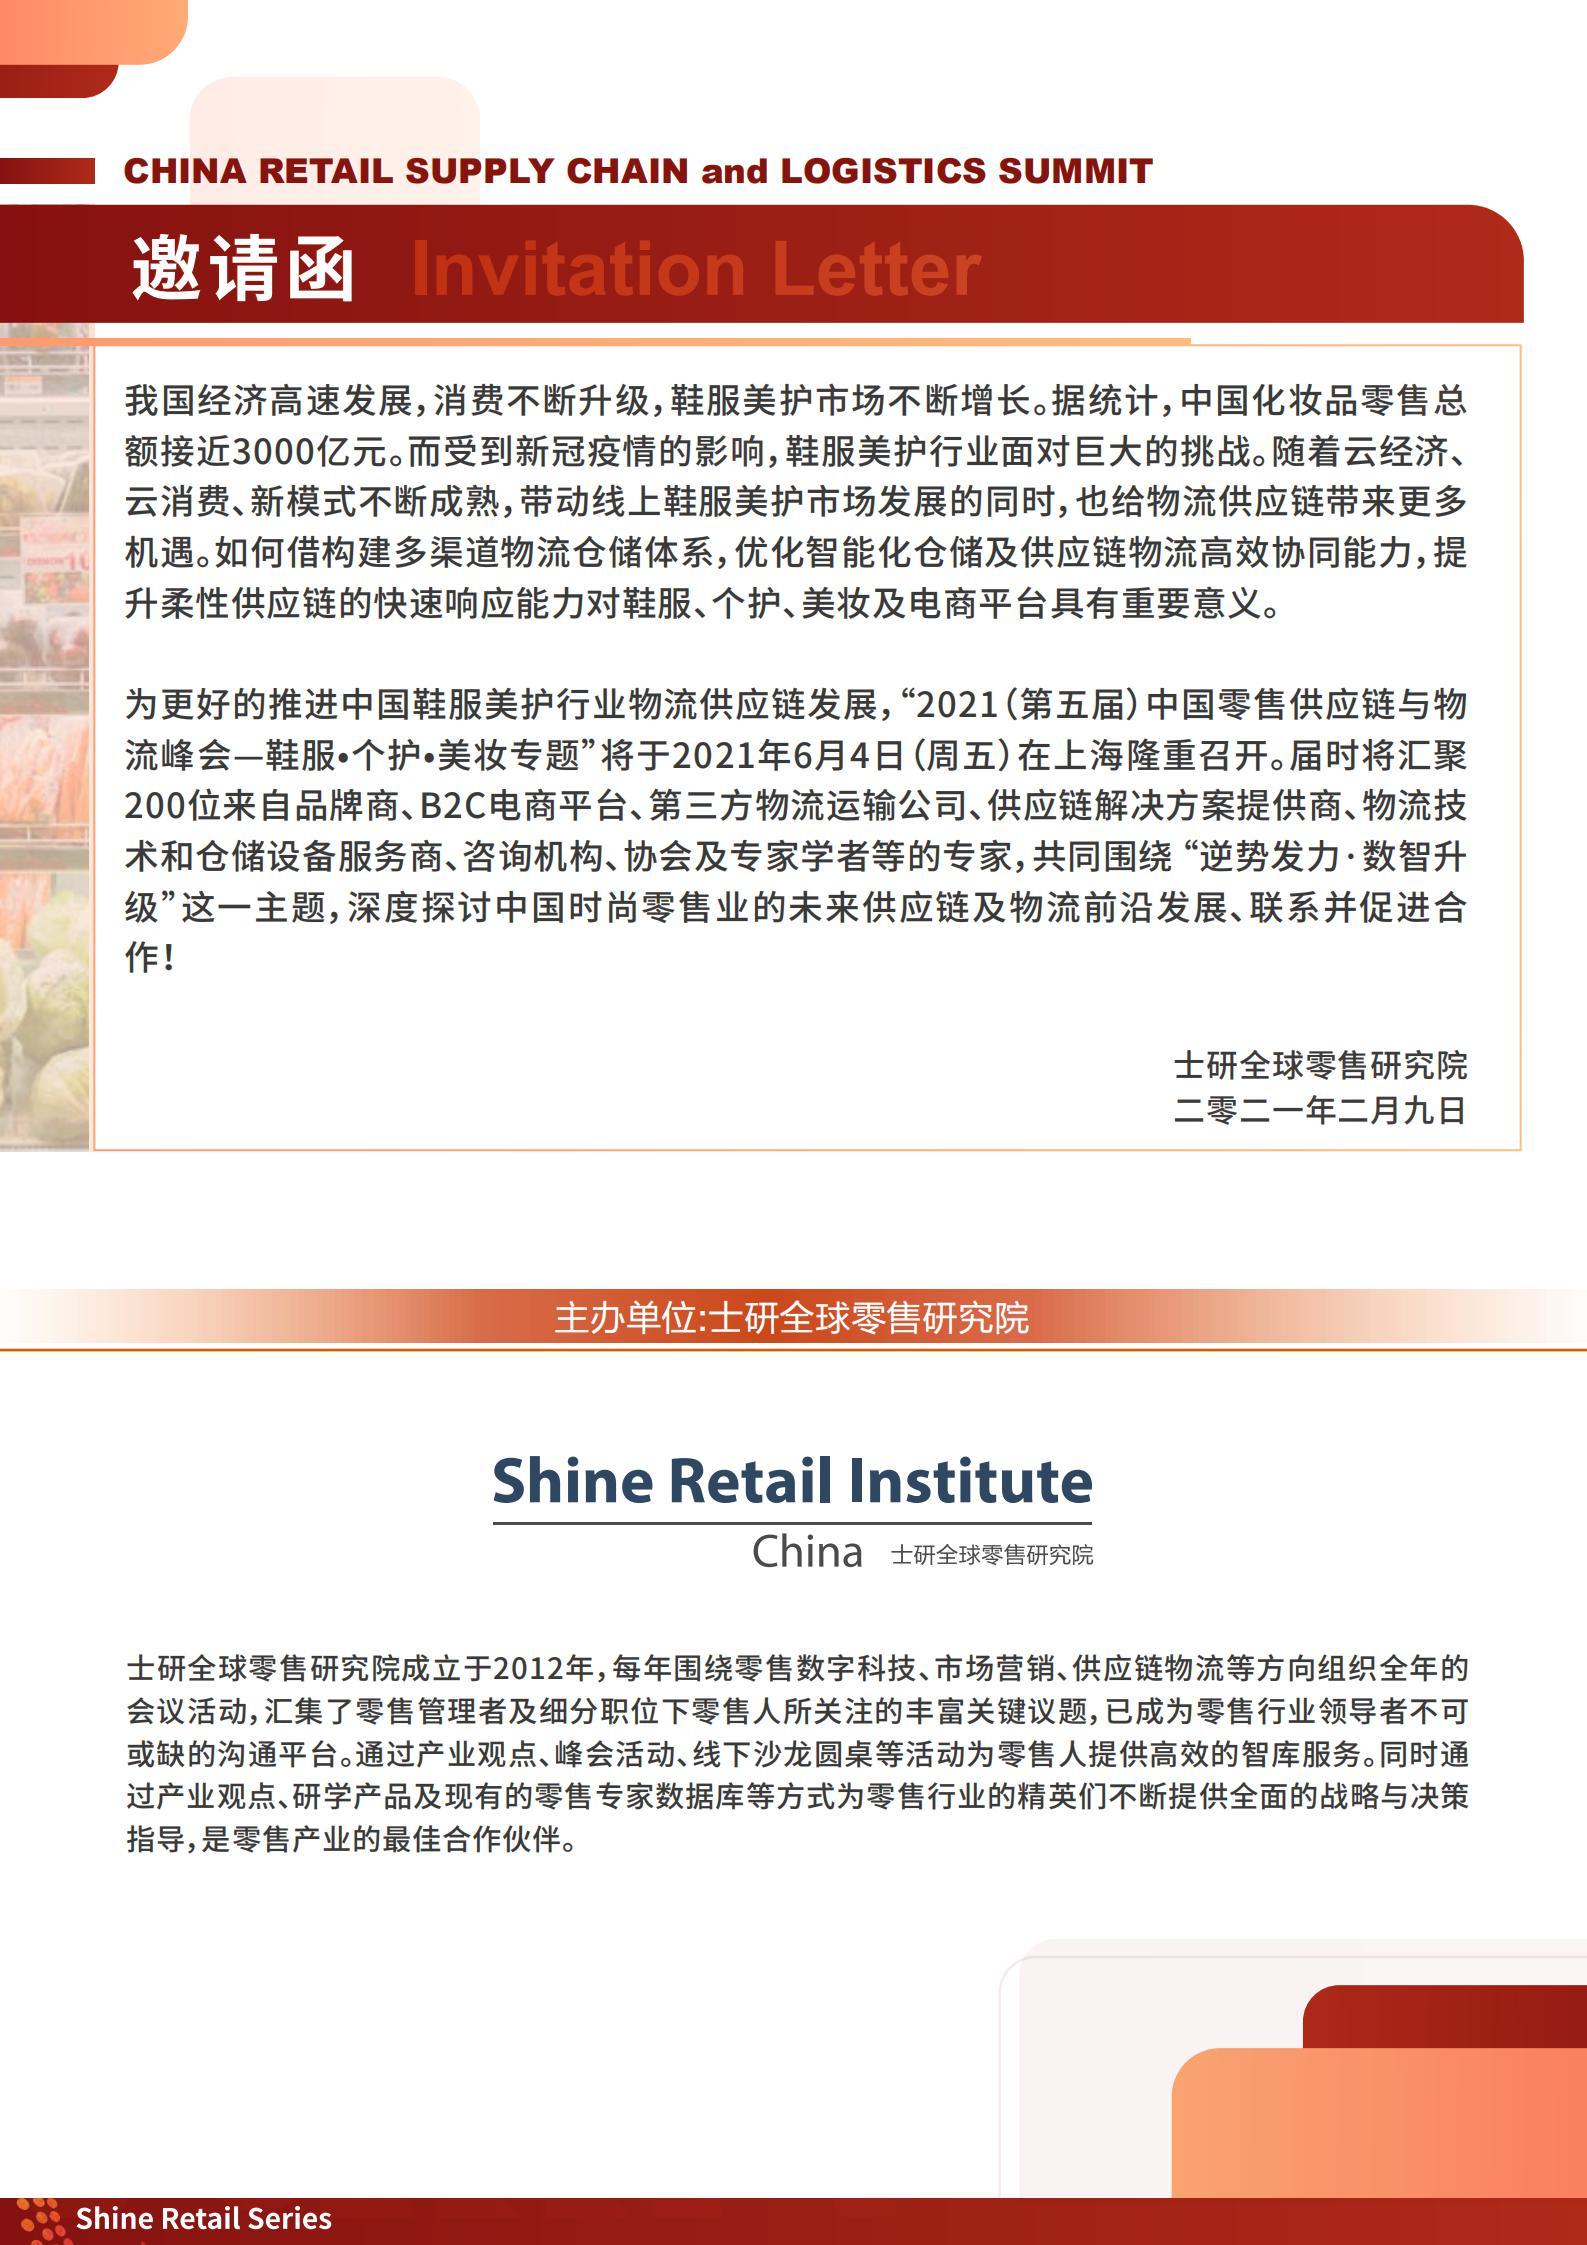 2021(第五届)中国零售供应链与物流峰会 · 鞋服·个护·美妆专题